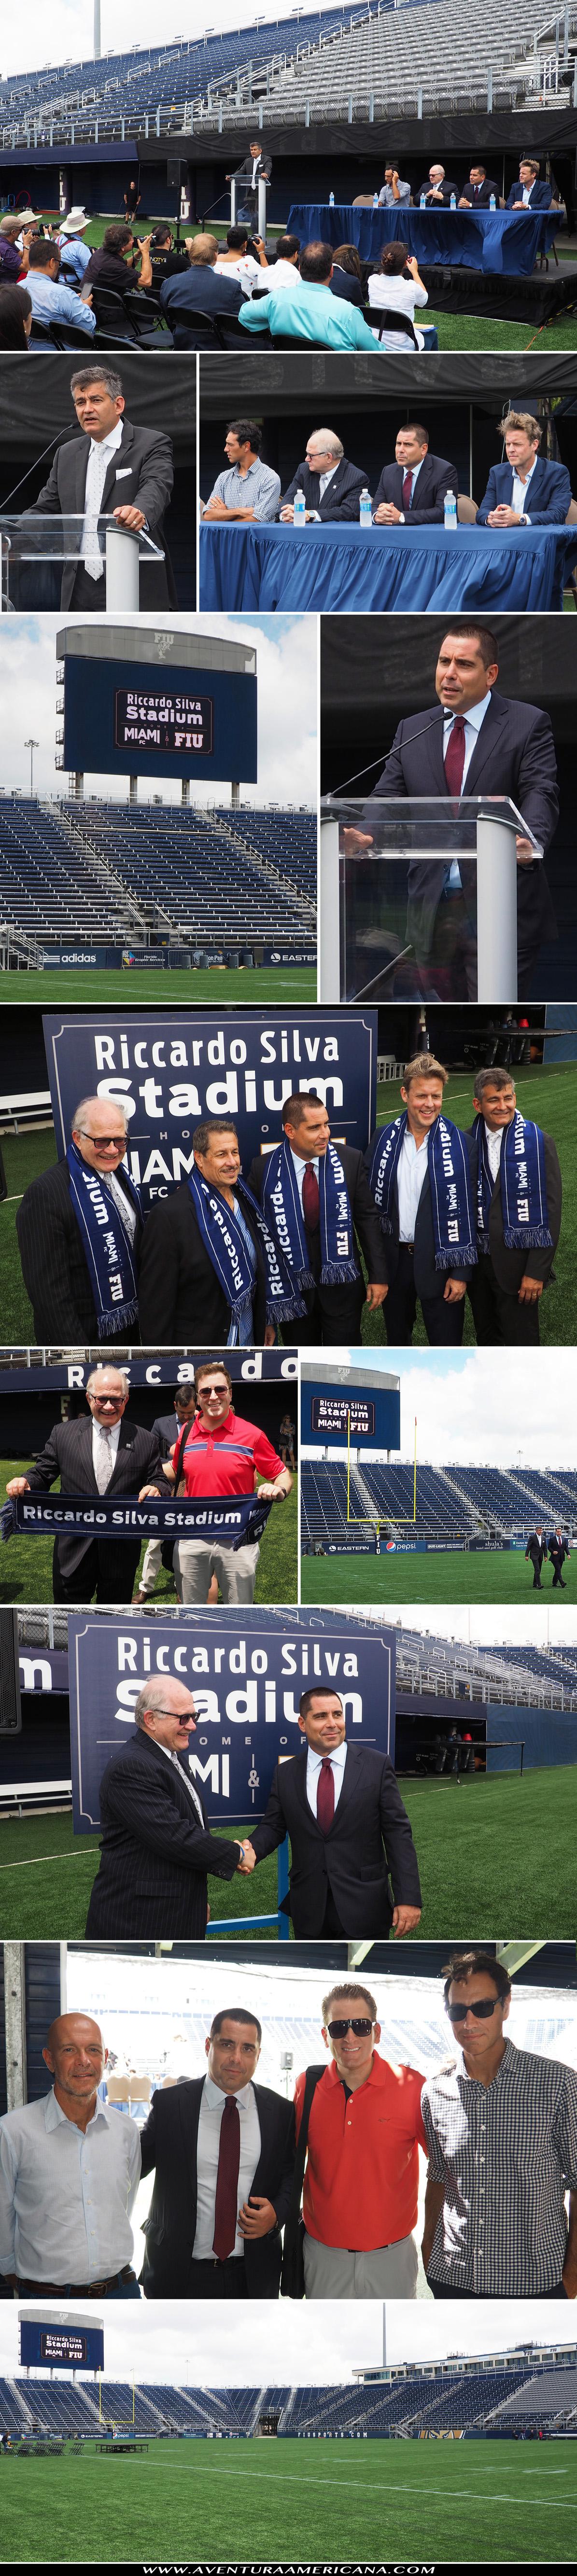 Riccardo Silva Stadium=